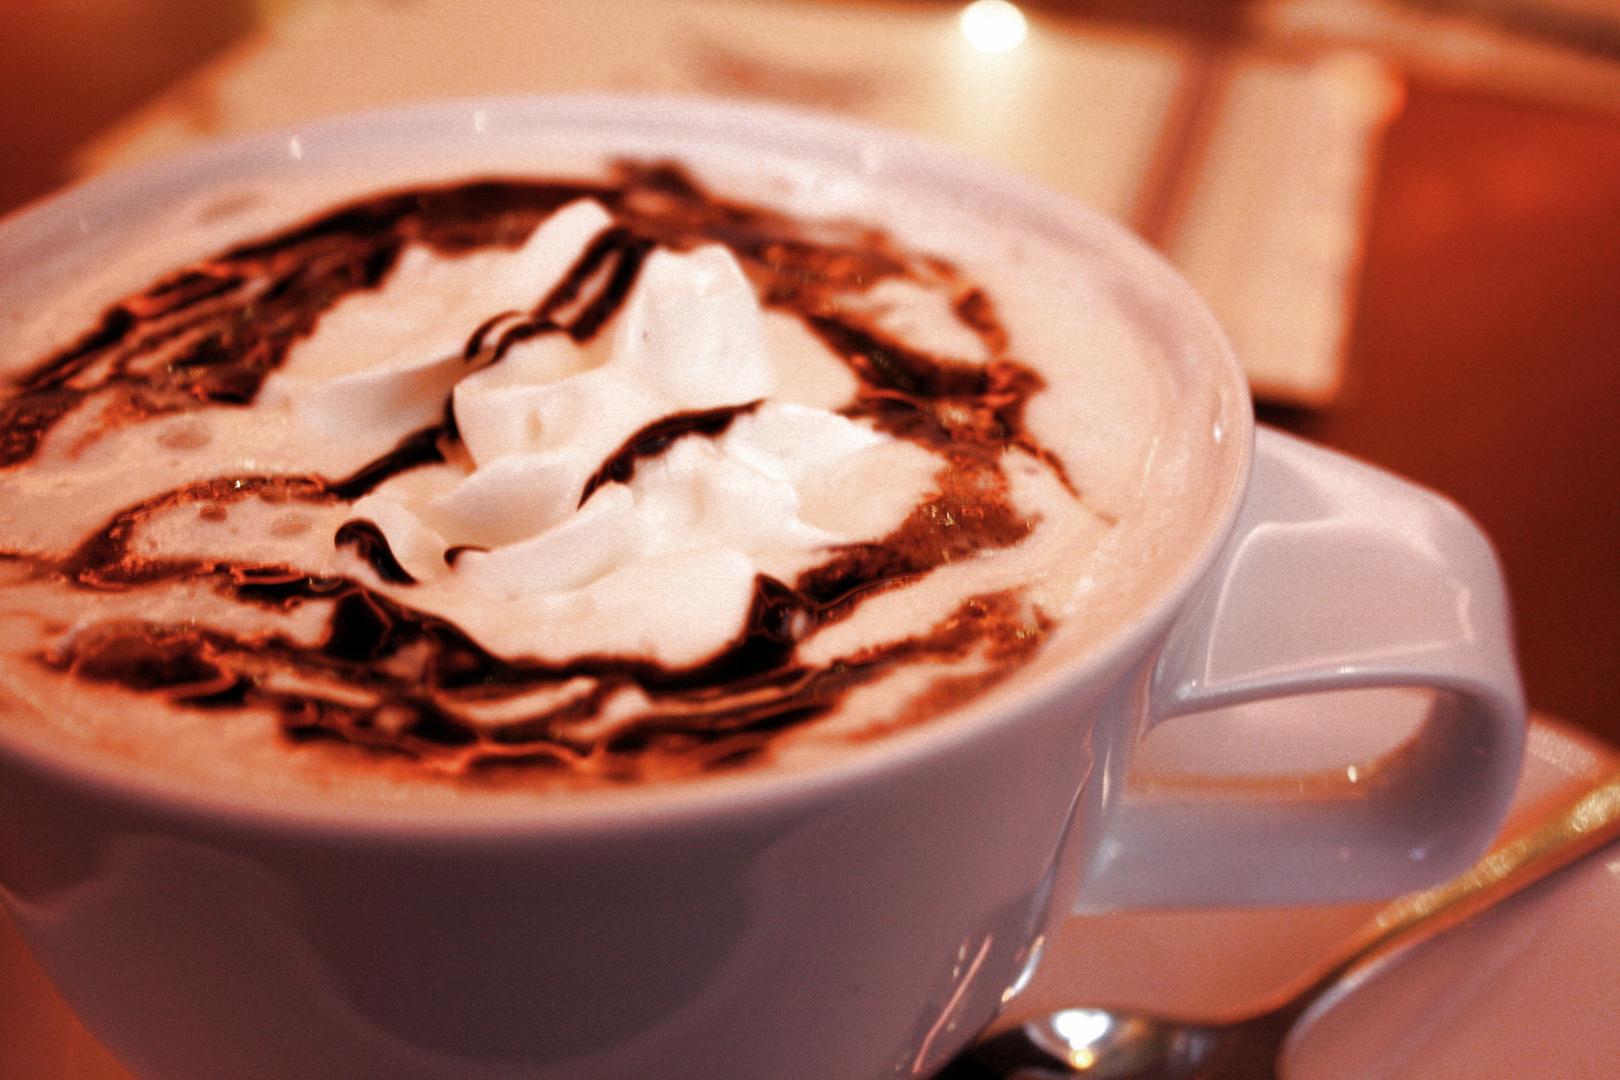 wei e hei e schokolade foto bild stillleben essen trinken tee und kaffee bilder auf. Black Bedroom Furniture Sets. Home Design Ideas